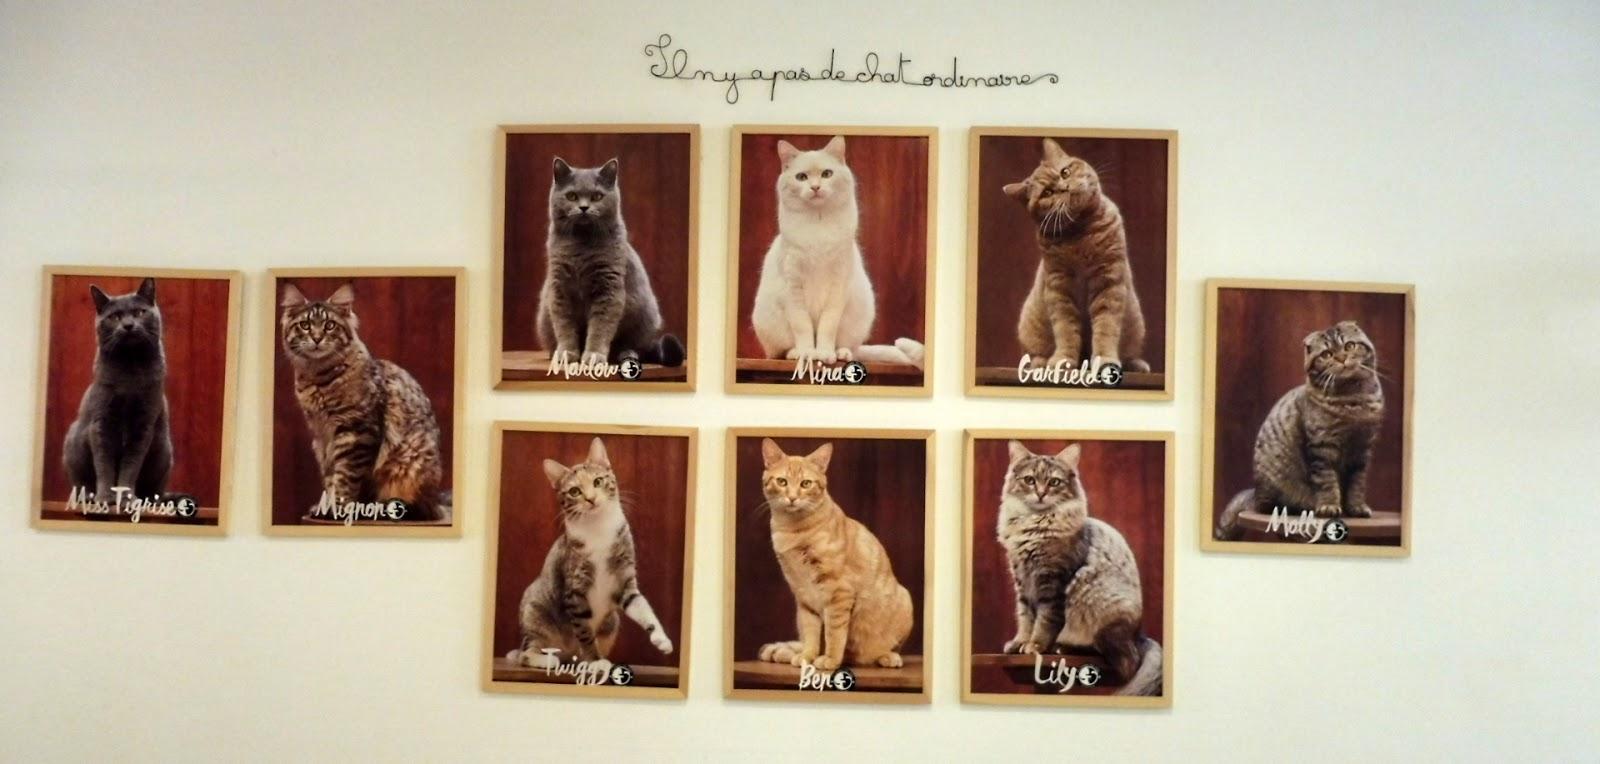 Le comptoir des chats - Bordeaux - Par Lili LaRochelle à Bordeaux